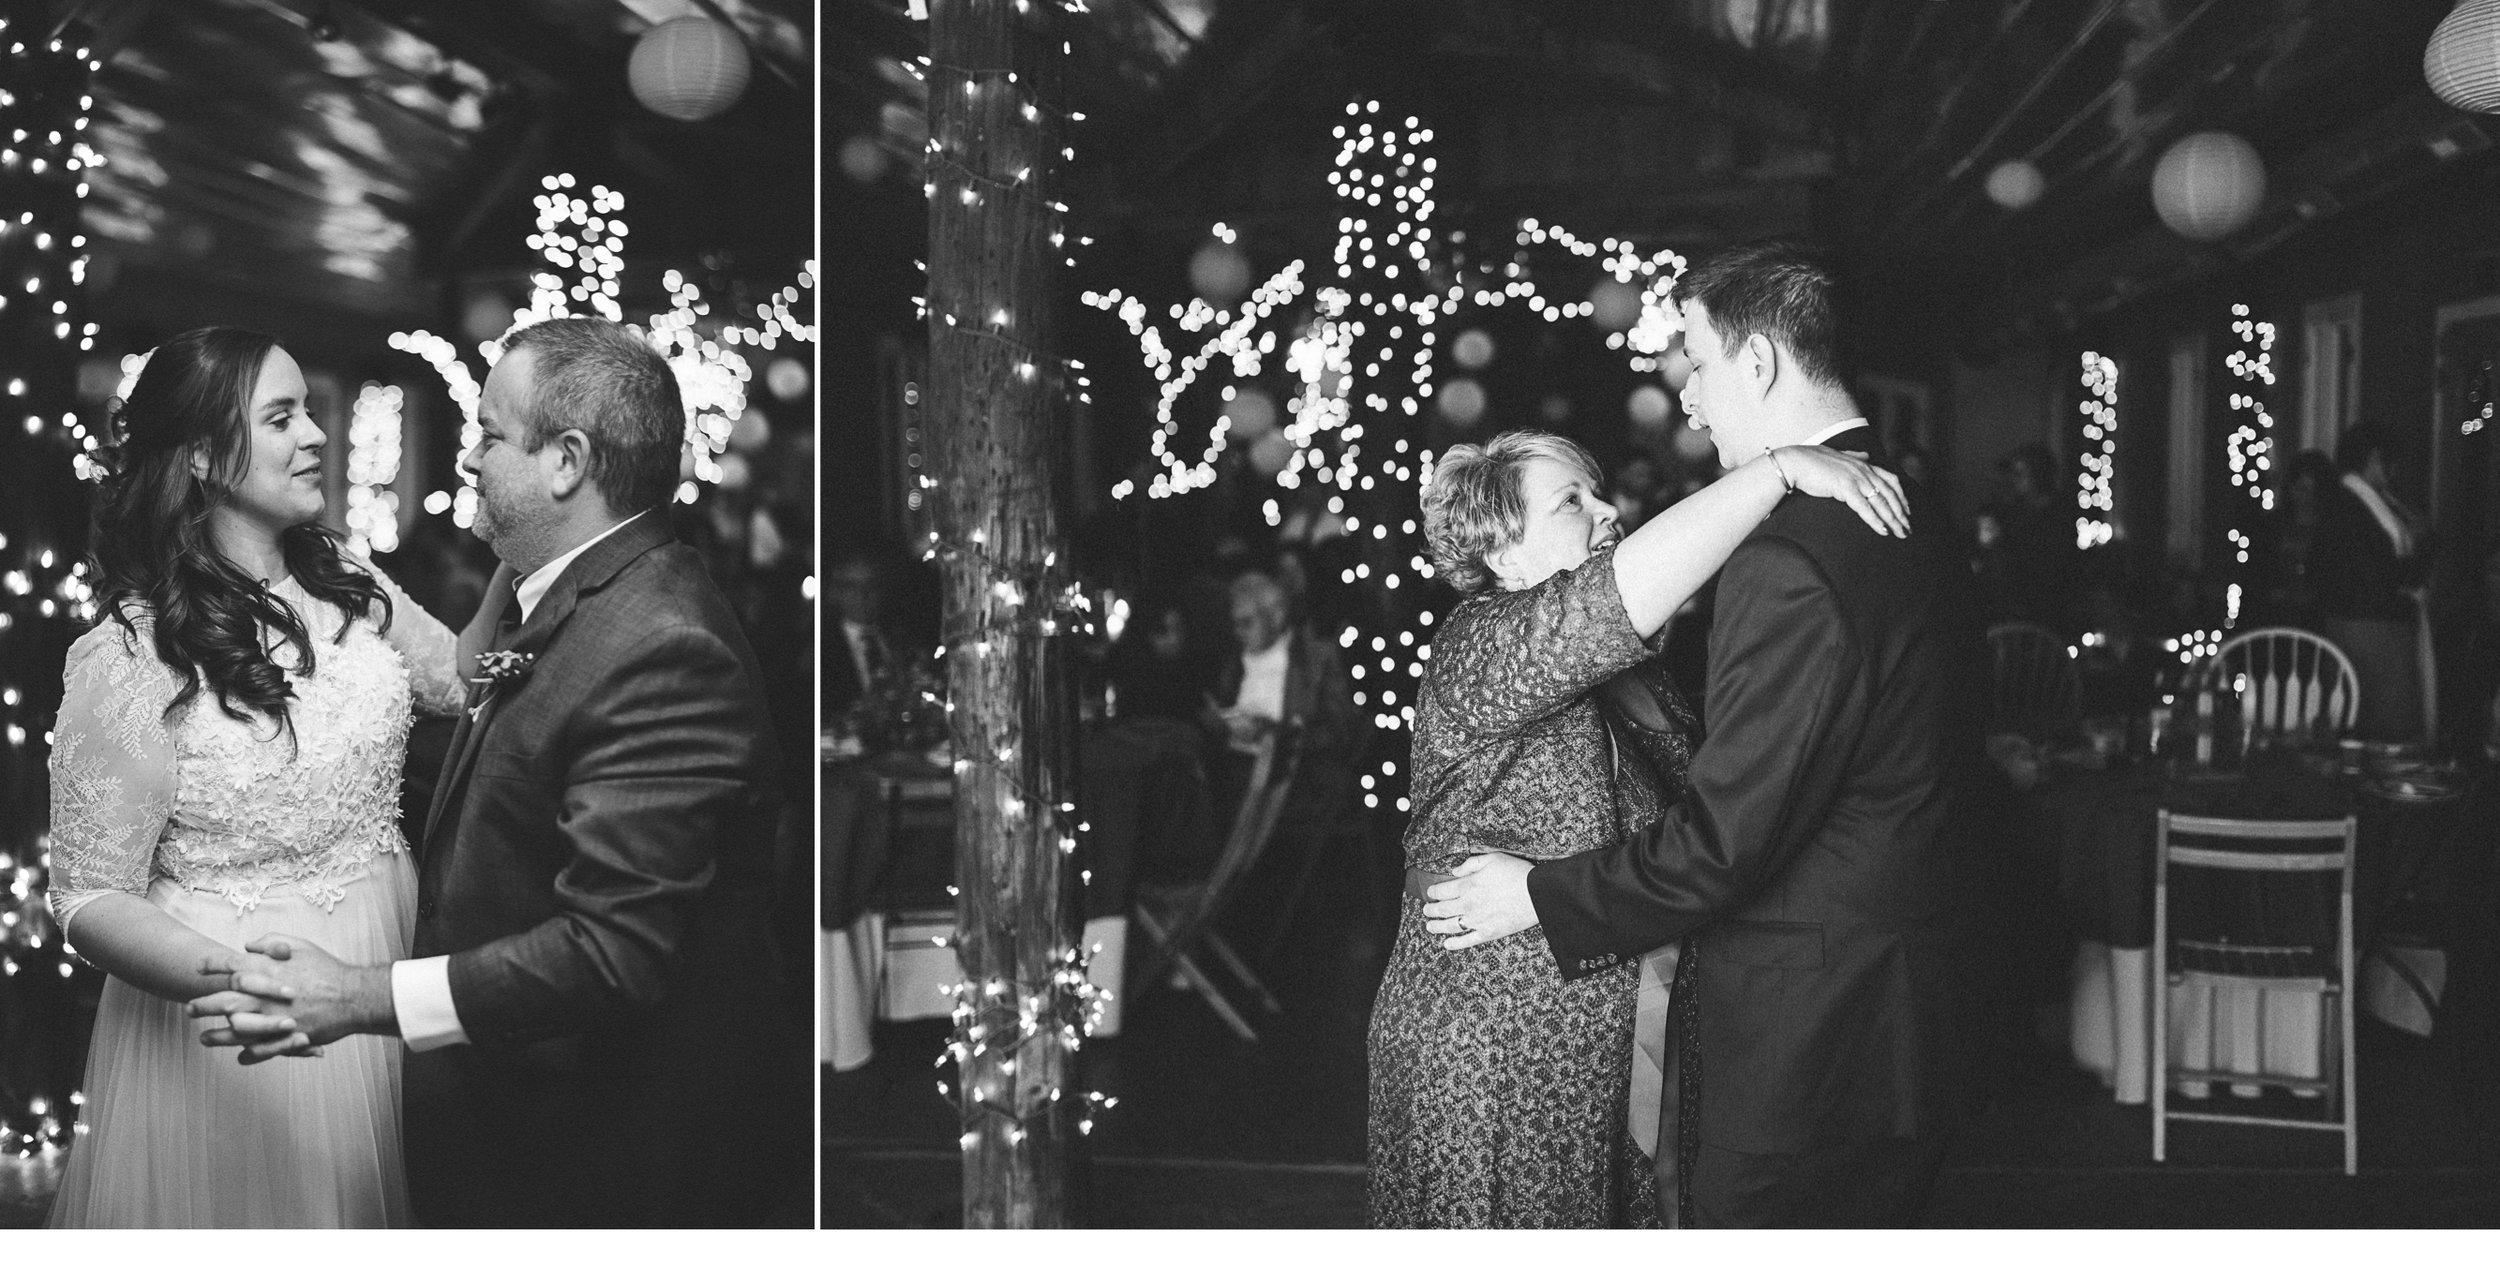 Stewart Wedding 48.jpg